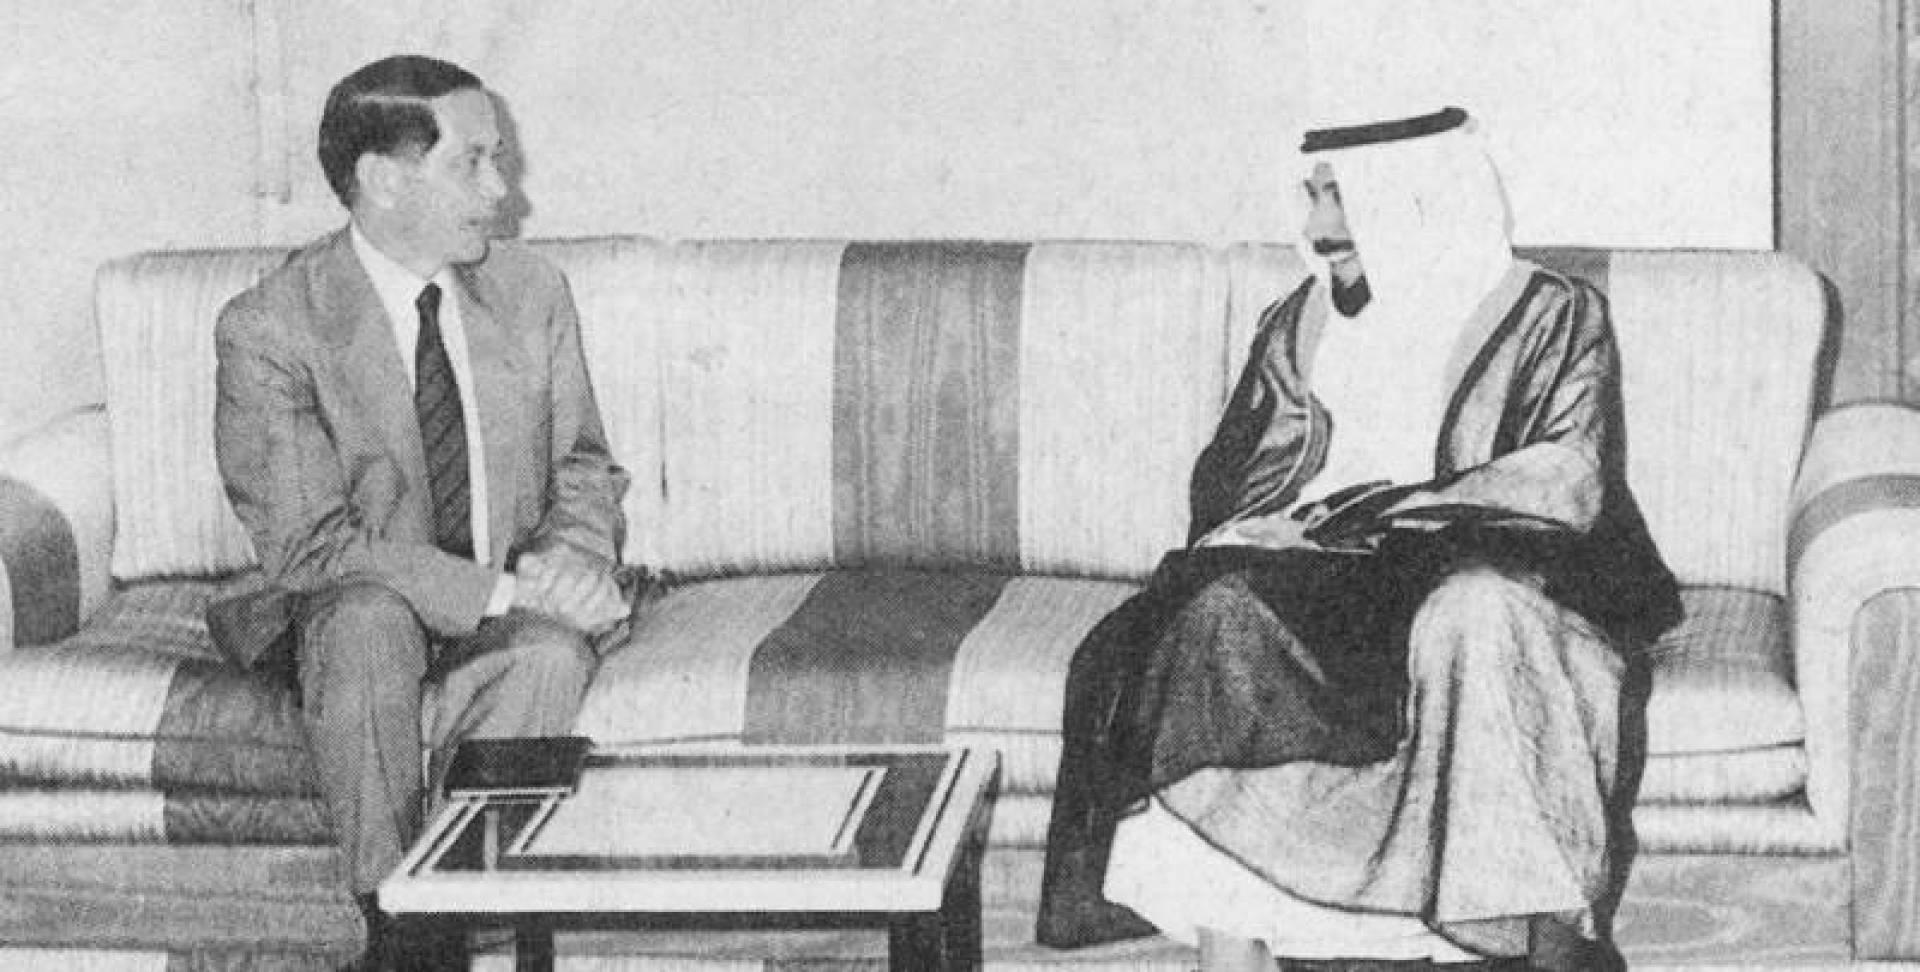 سمو الشيخ جابر الأحمد لدى استقباله الدكتور أسامة الباز مستشار الرئيس المصري حسني مبارك